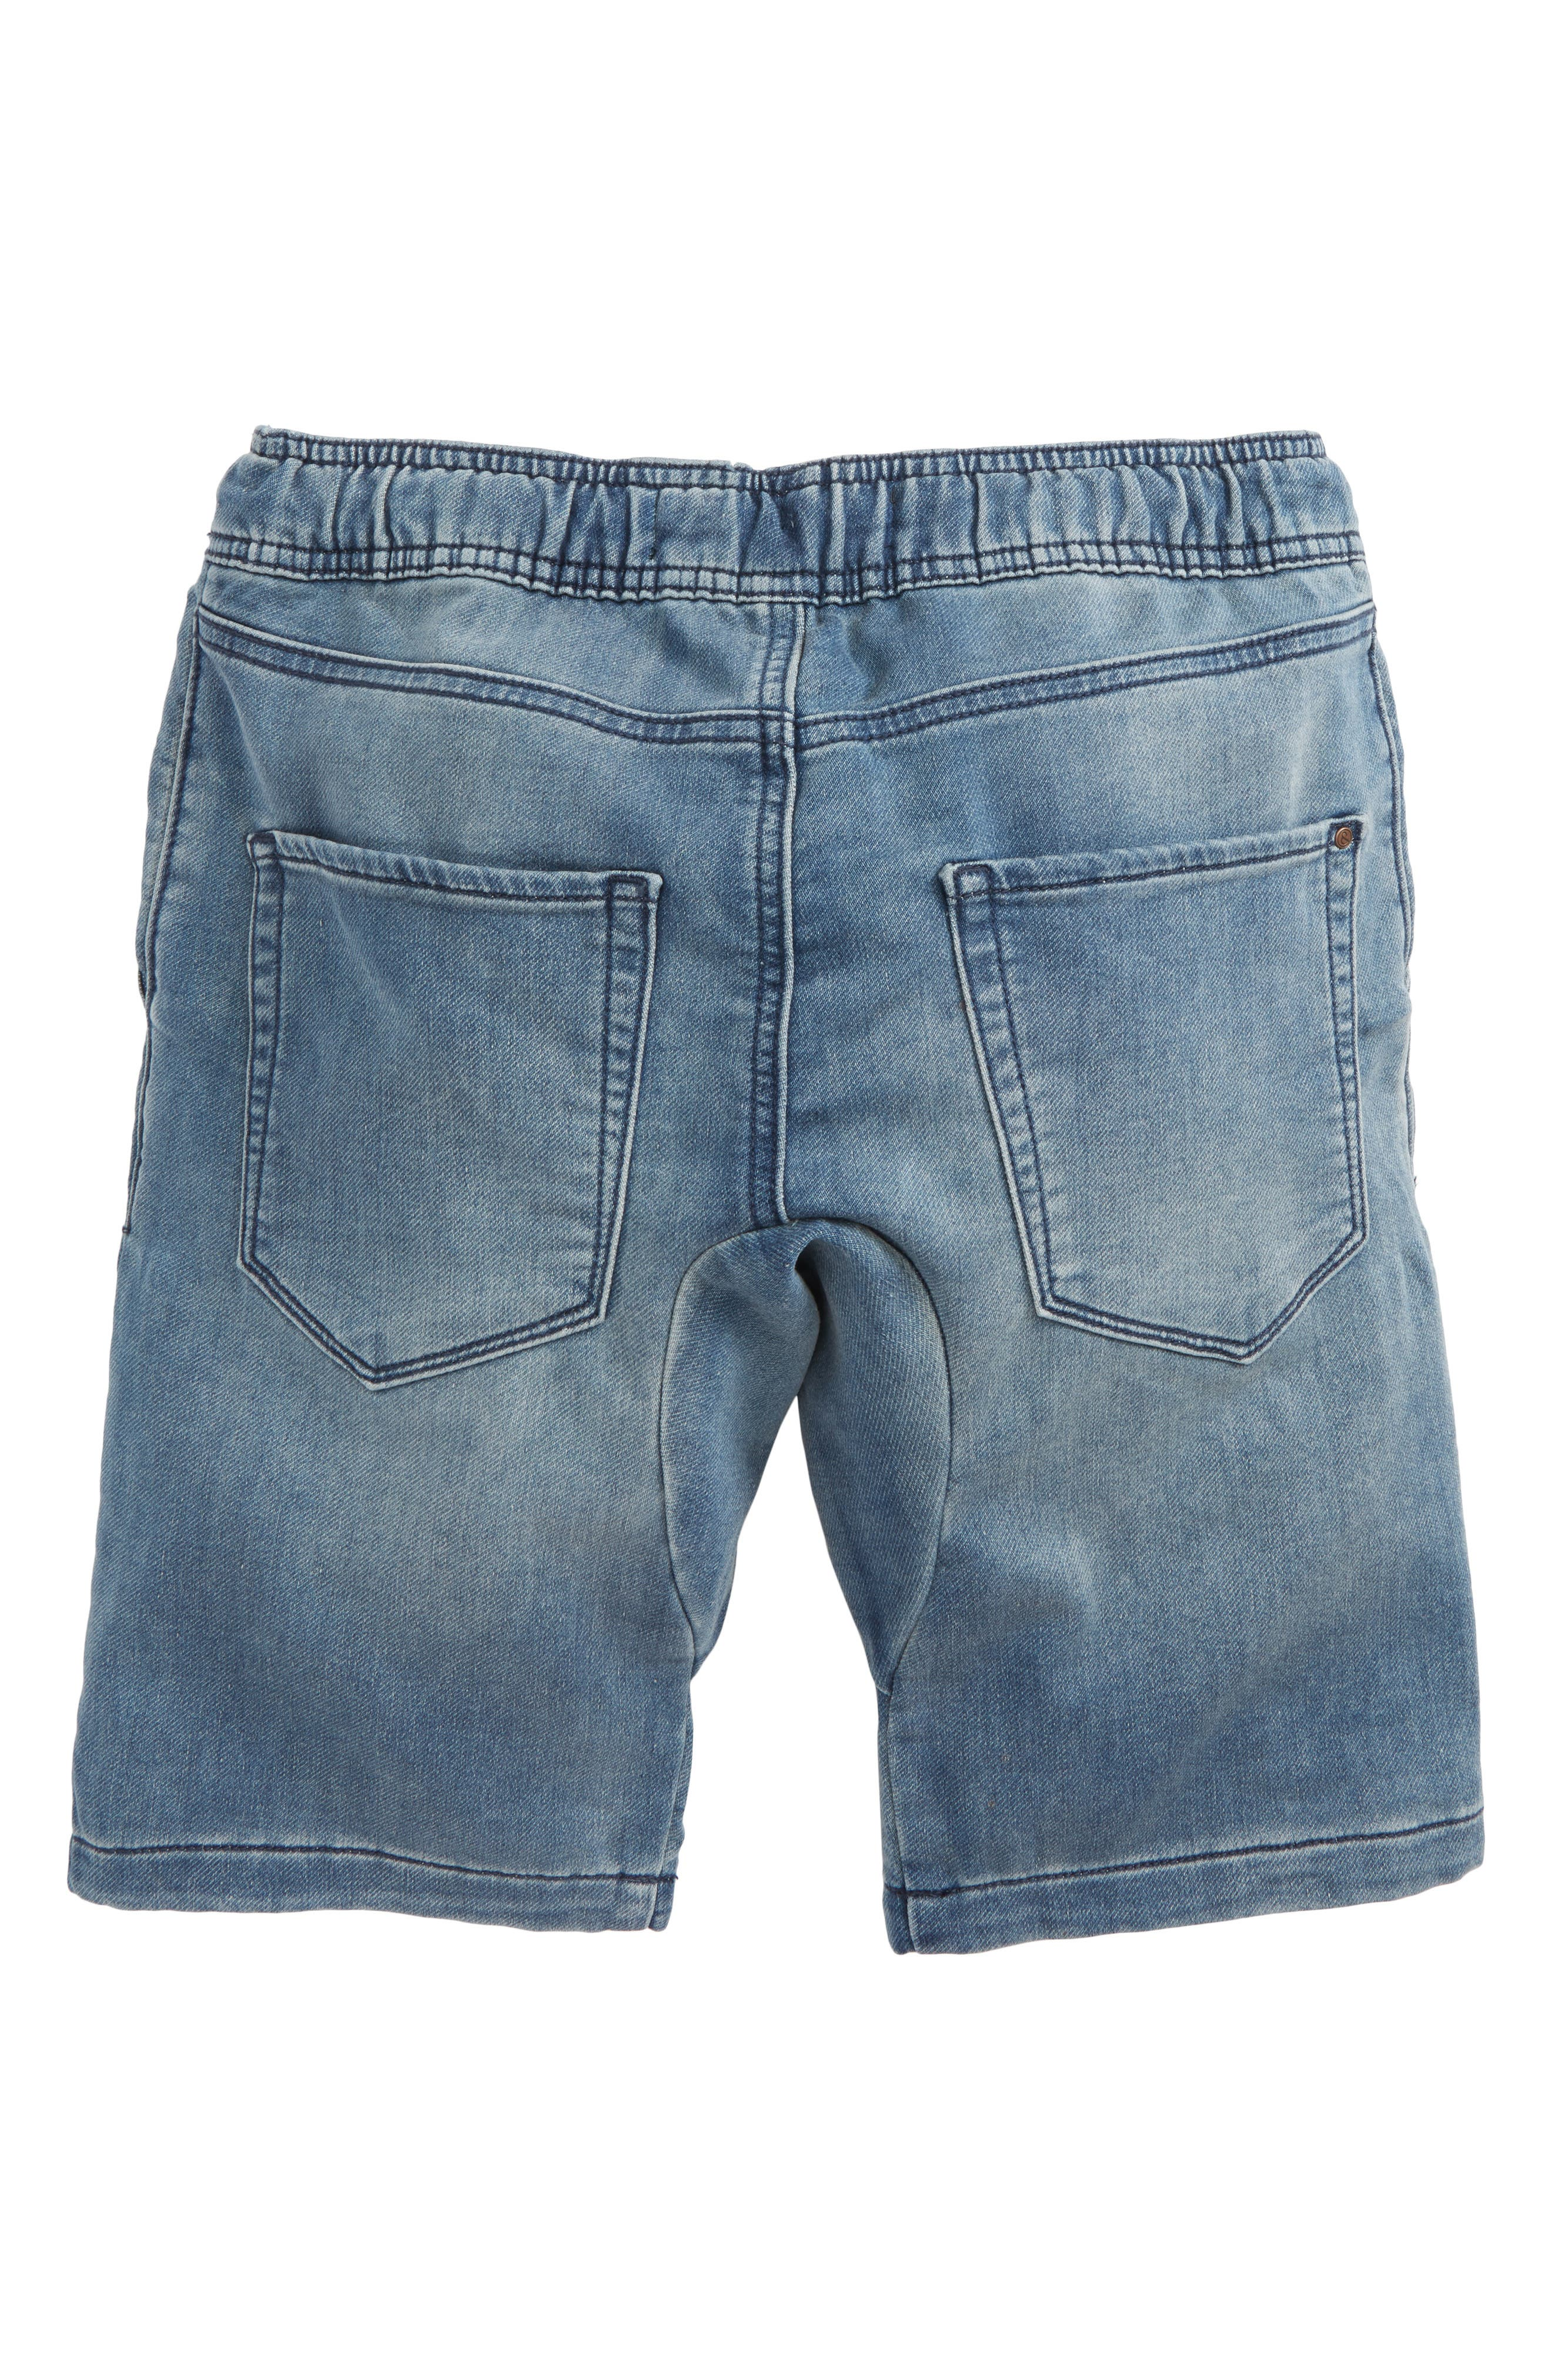 Denim Jogger Shorts,                             Alternate thumbnail 2, color,                             420